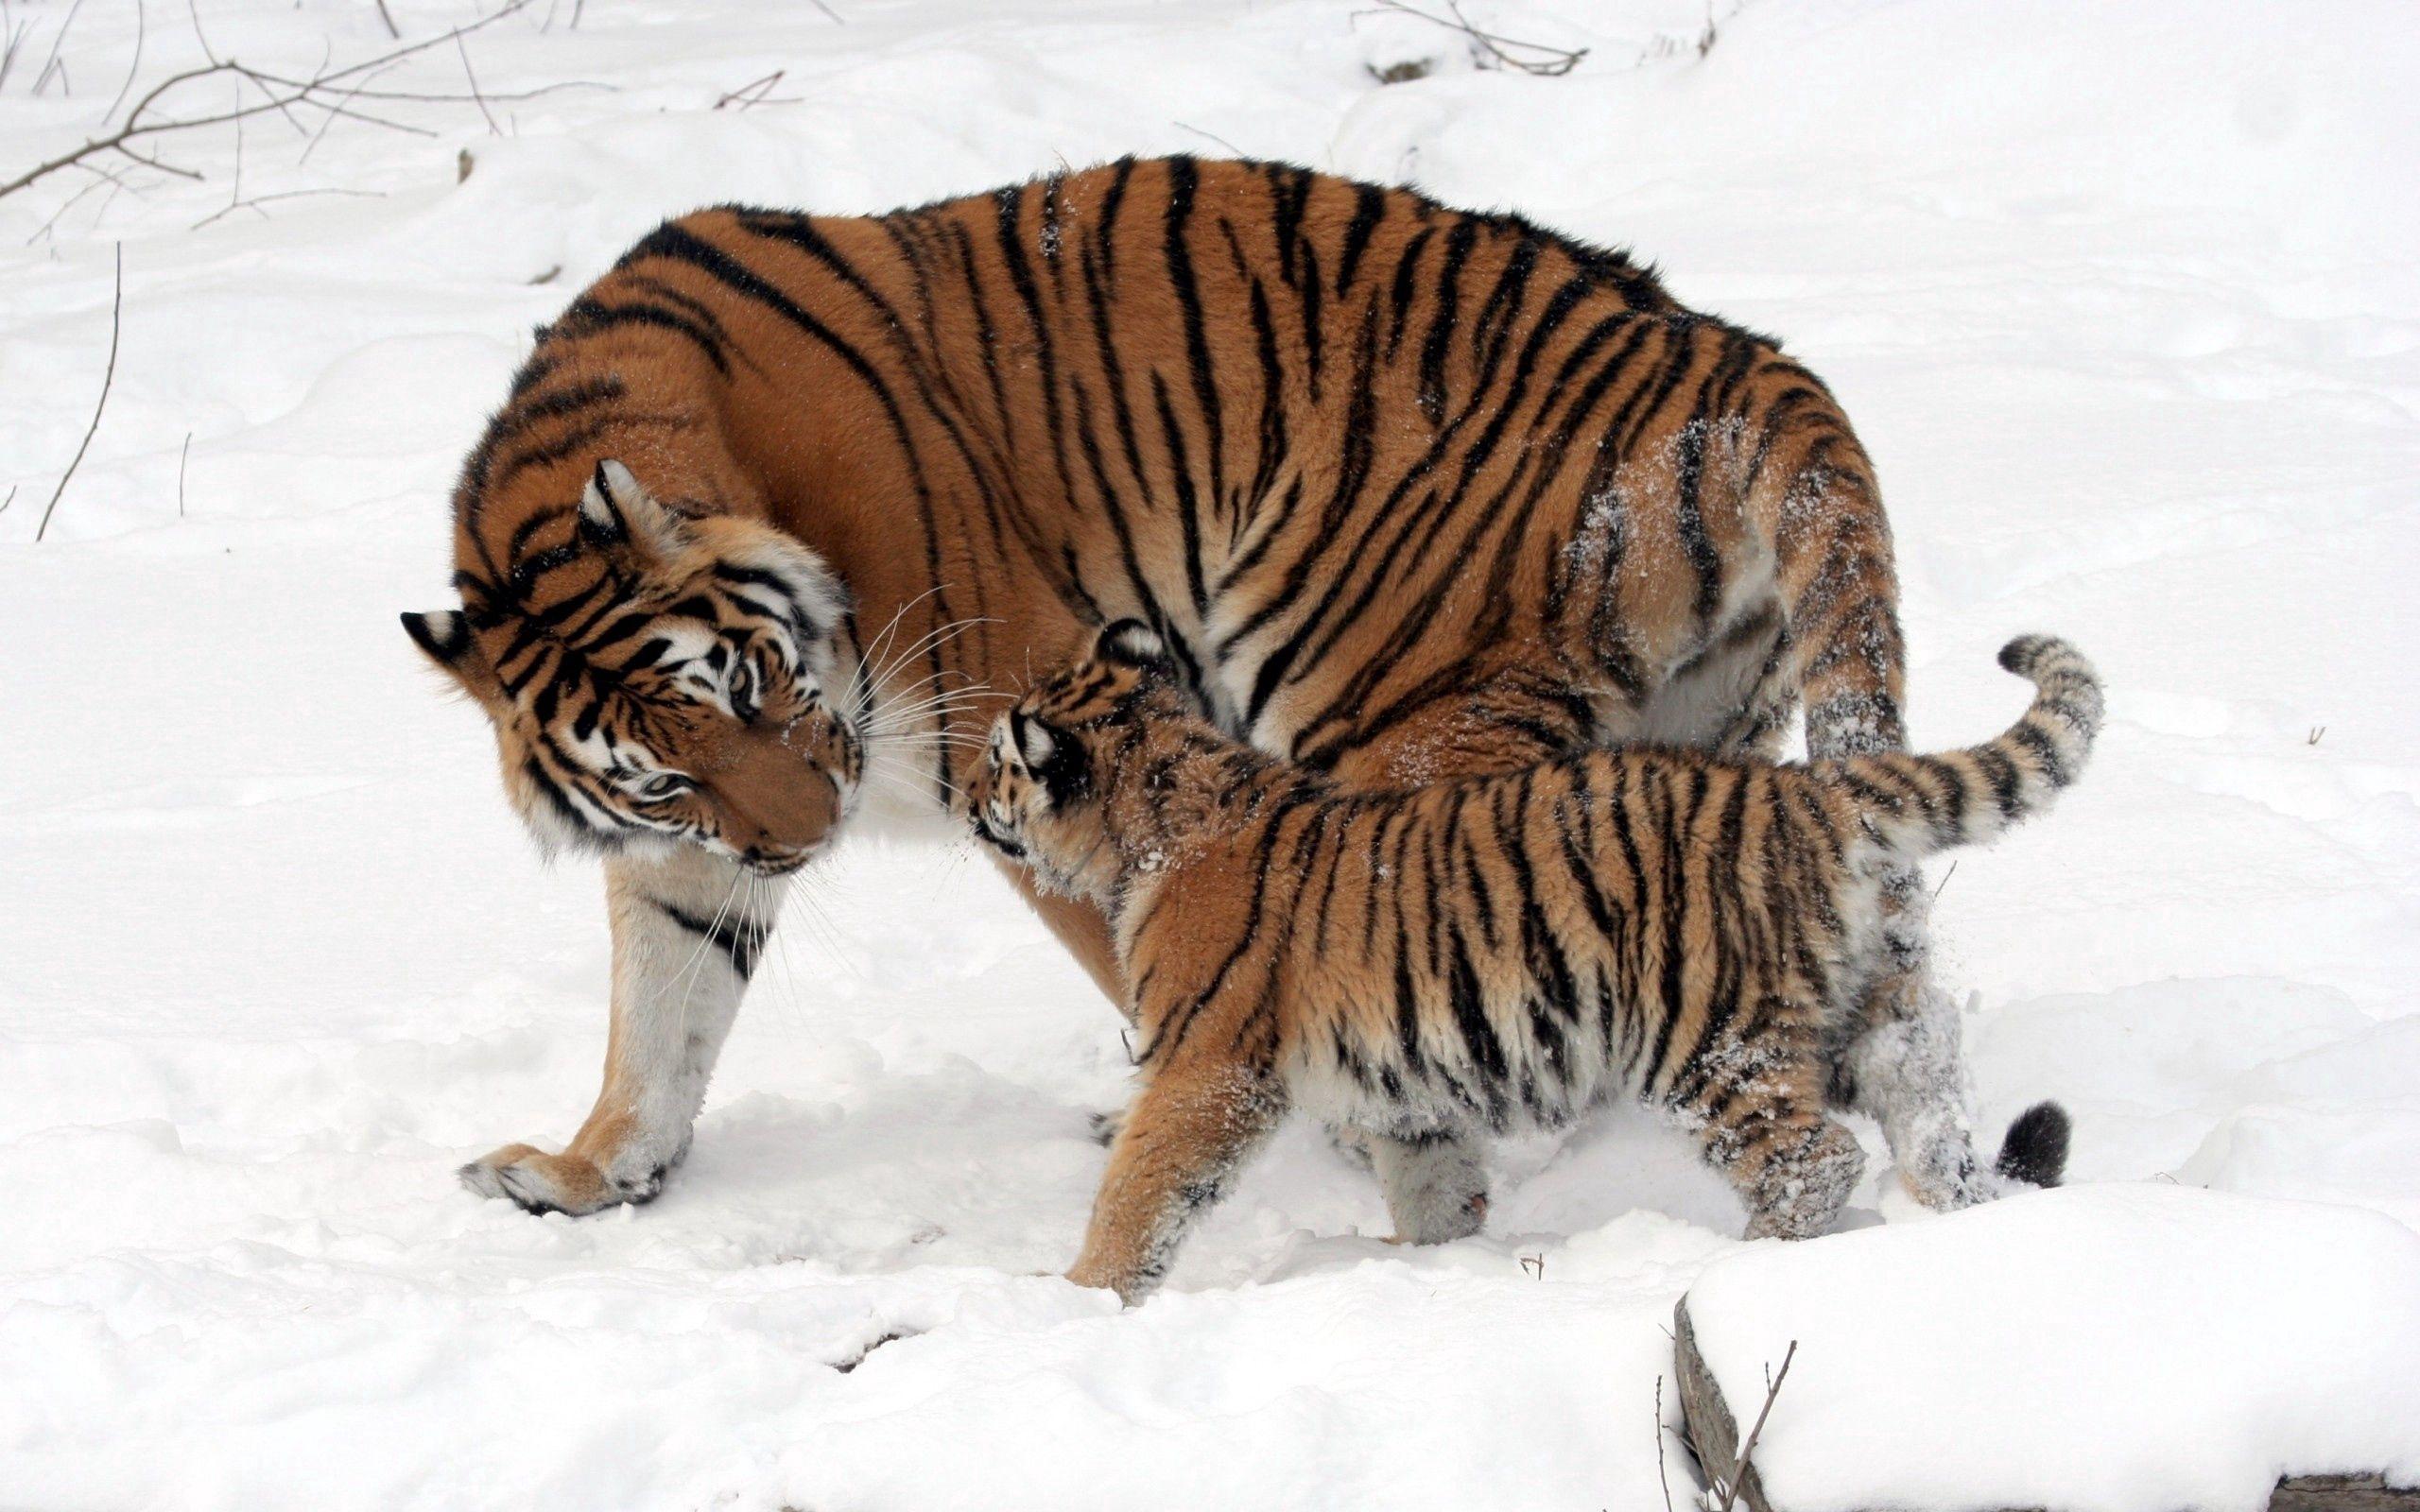 112102 Hintergrundbild herunterladen Tiere, Tigers, Schnee, Junge, Bummel, Spaziergang, Pflege, Joey - Bildschirmschoner und Bilder kostenlos